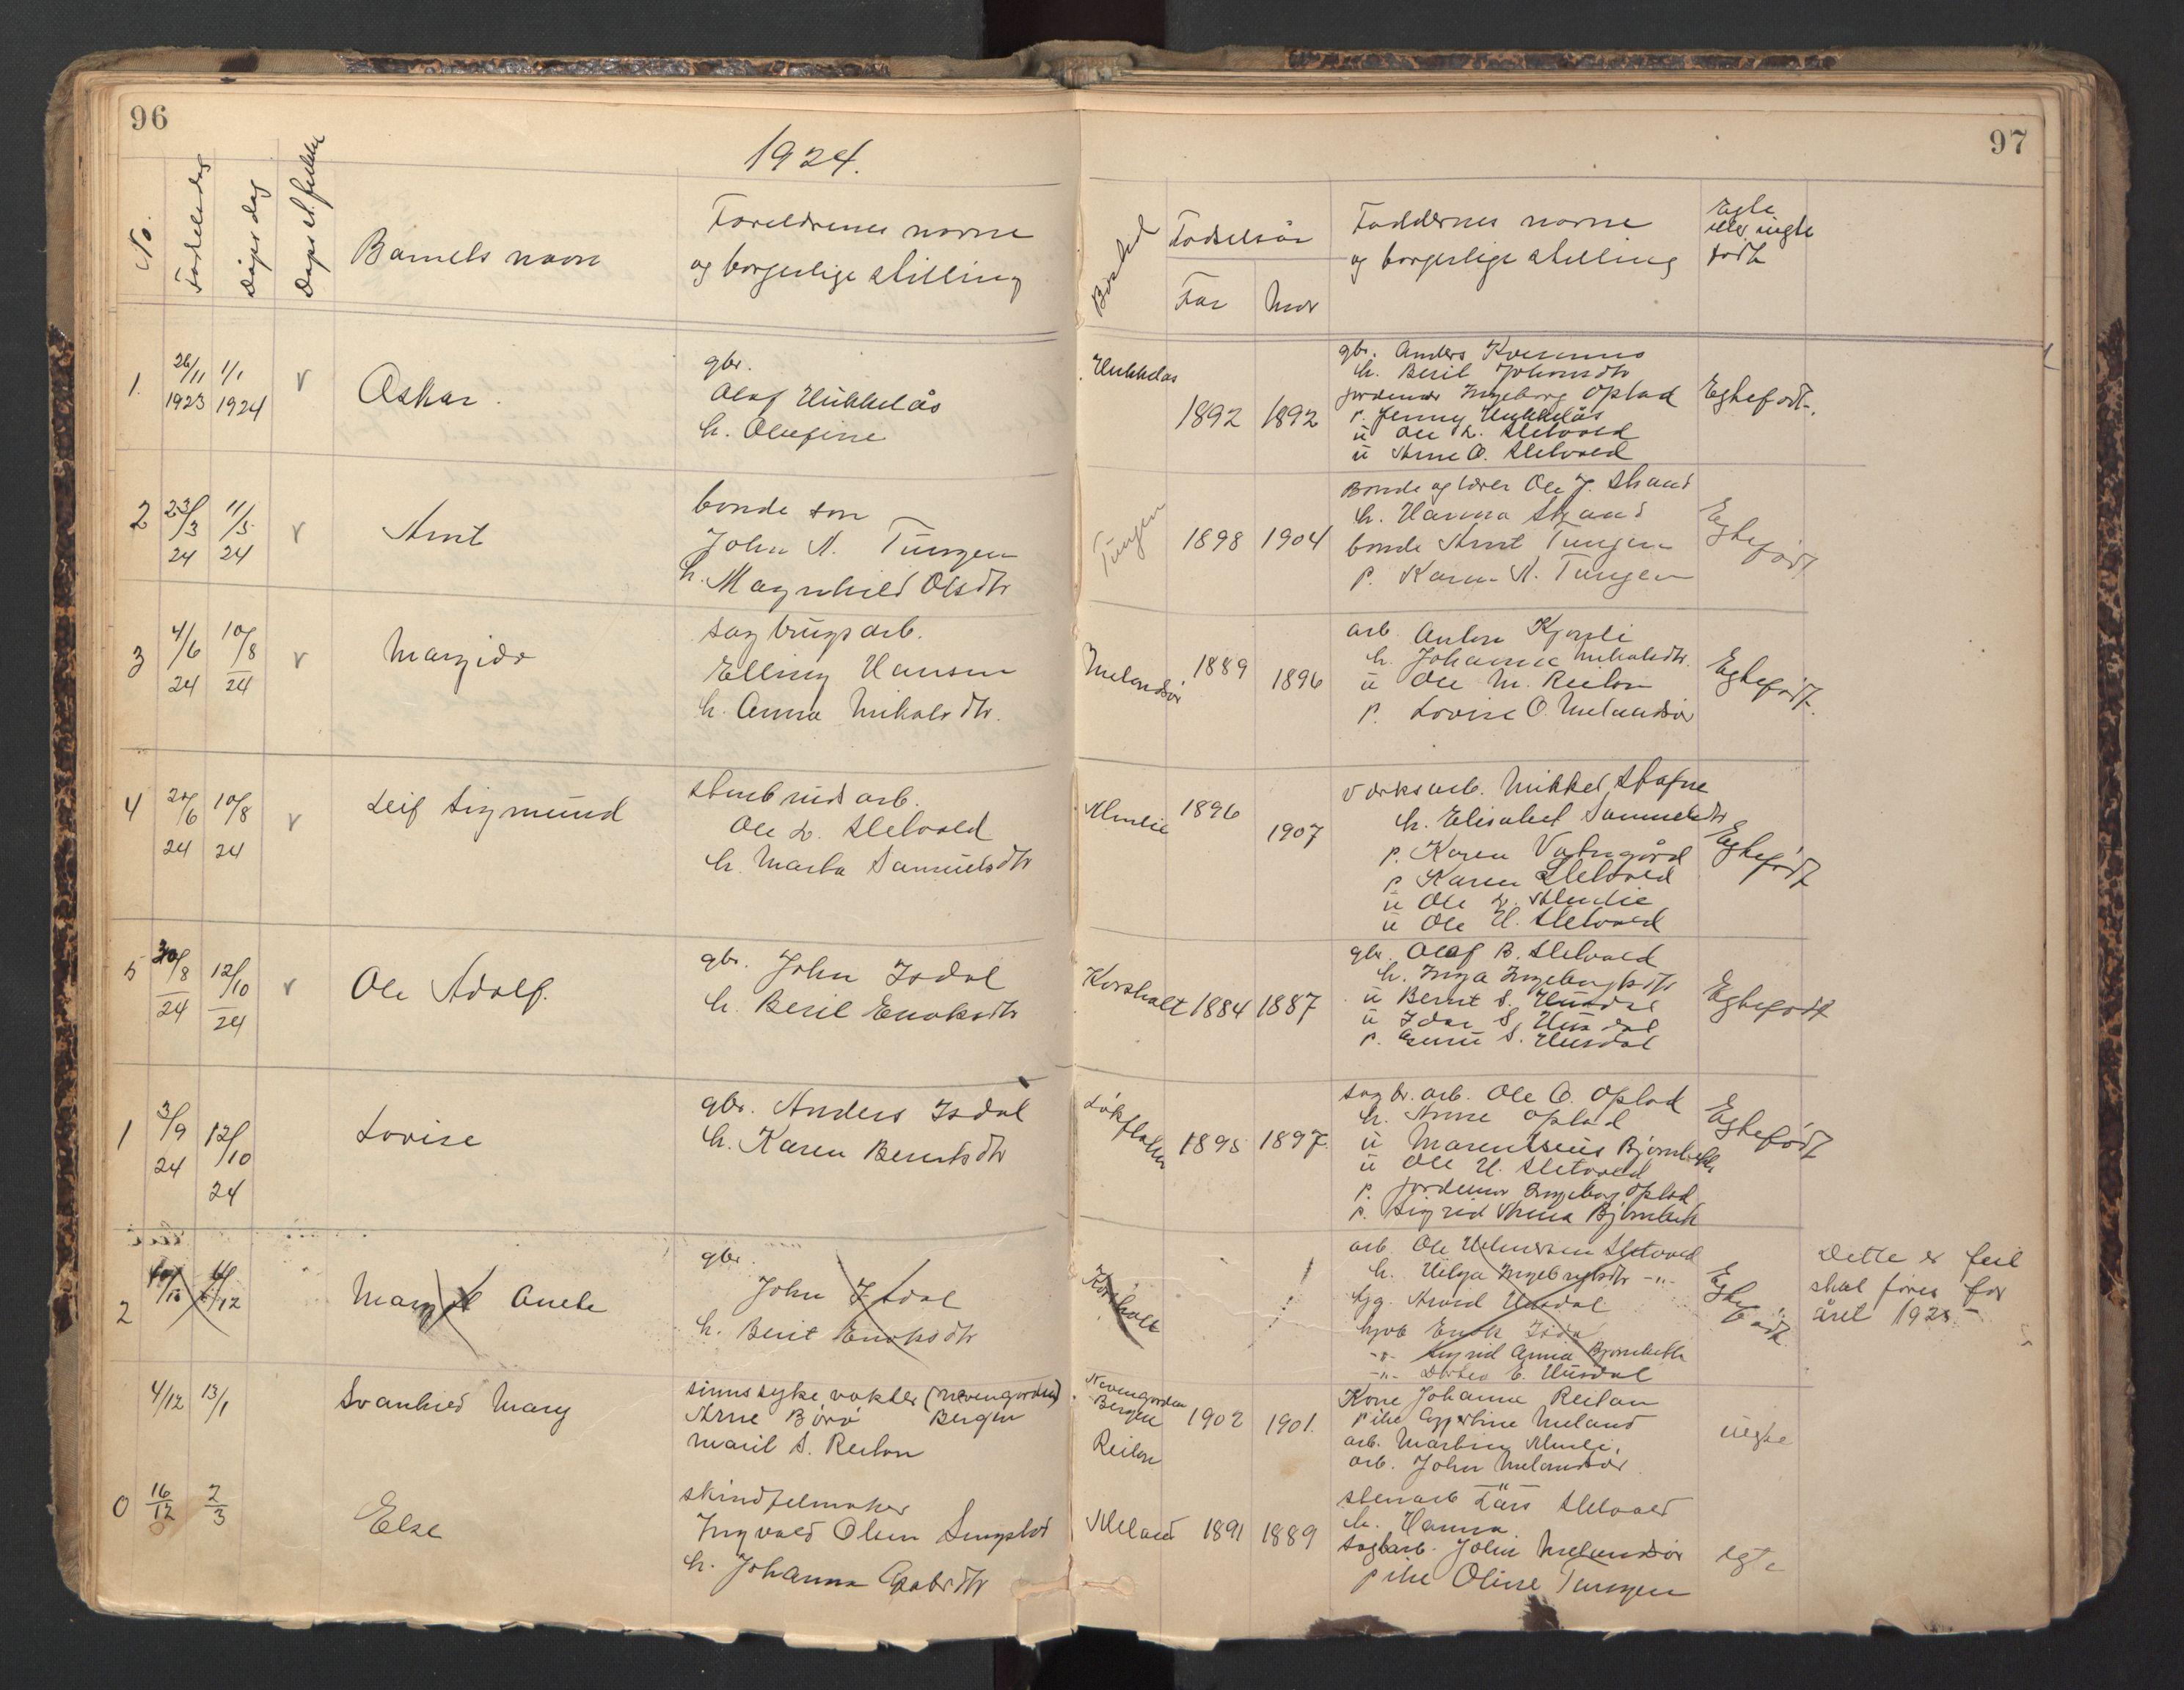 SAT, Ministerialprotokoller, klokkerbøker og fødselsregistre - Sør-Trøndelag, 670/L0837: Klokkerbok nr. 670C01, 1905-1946, s. 96-97